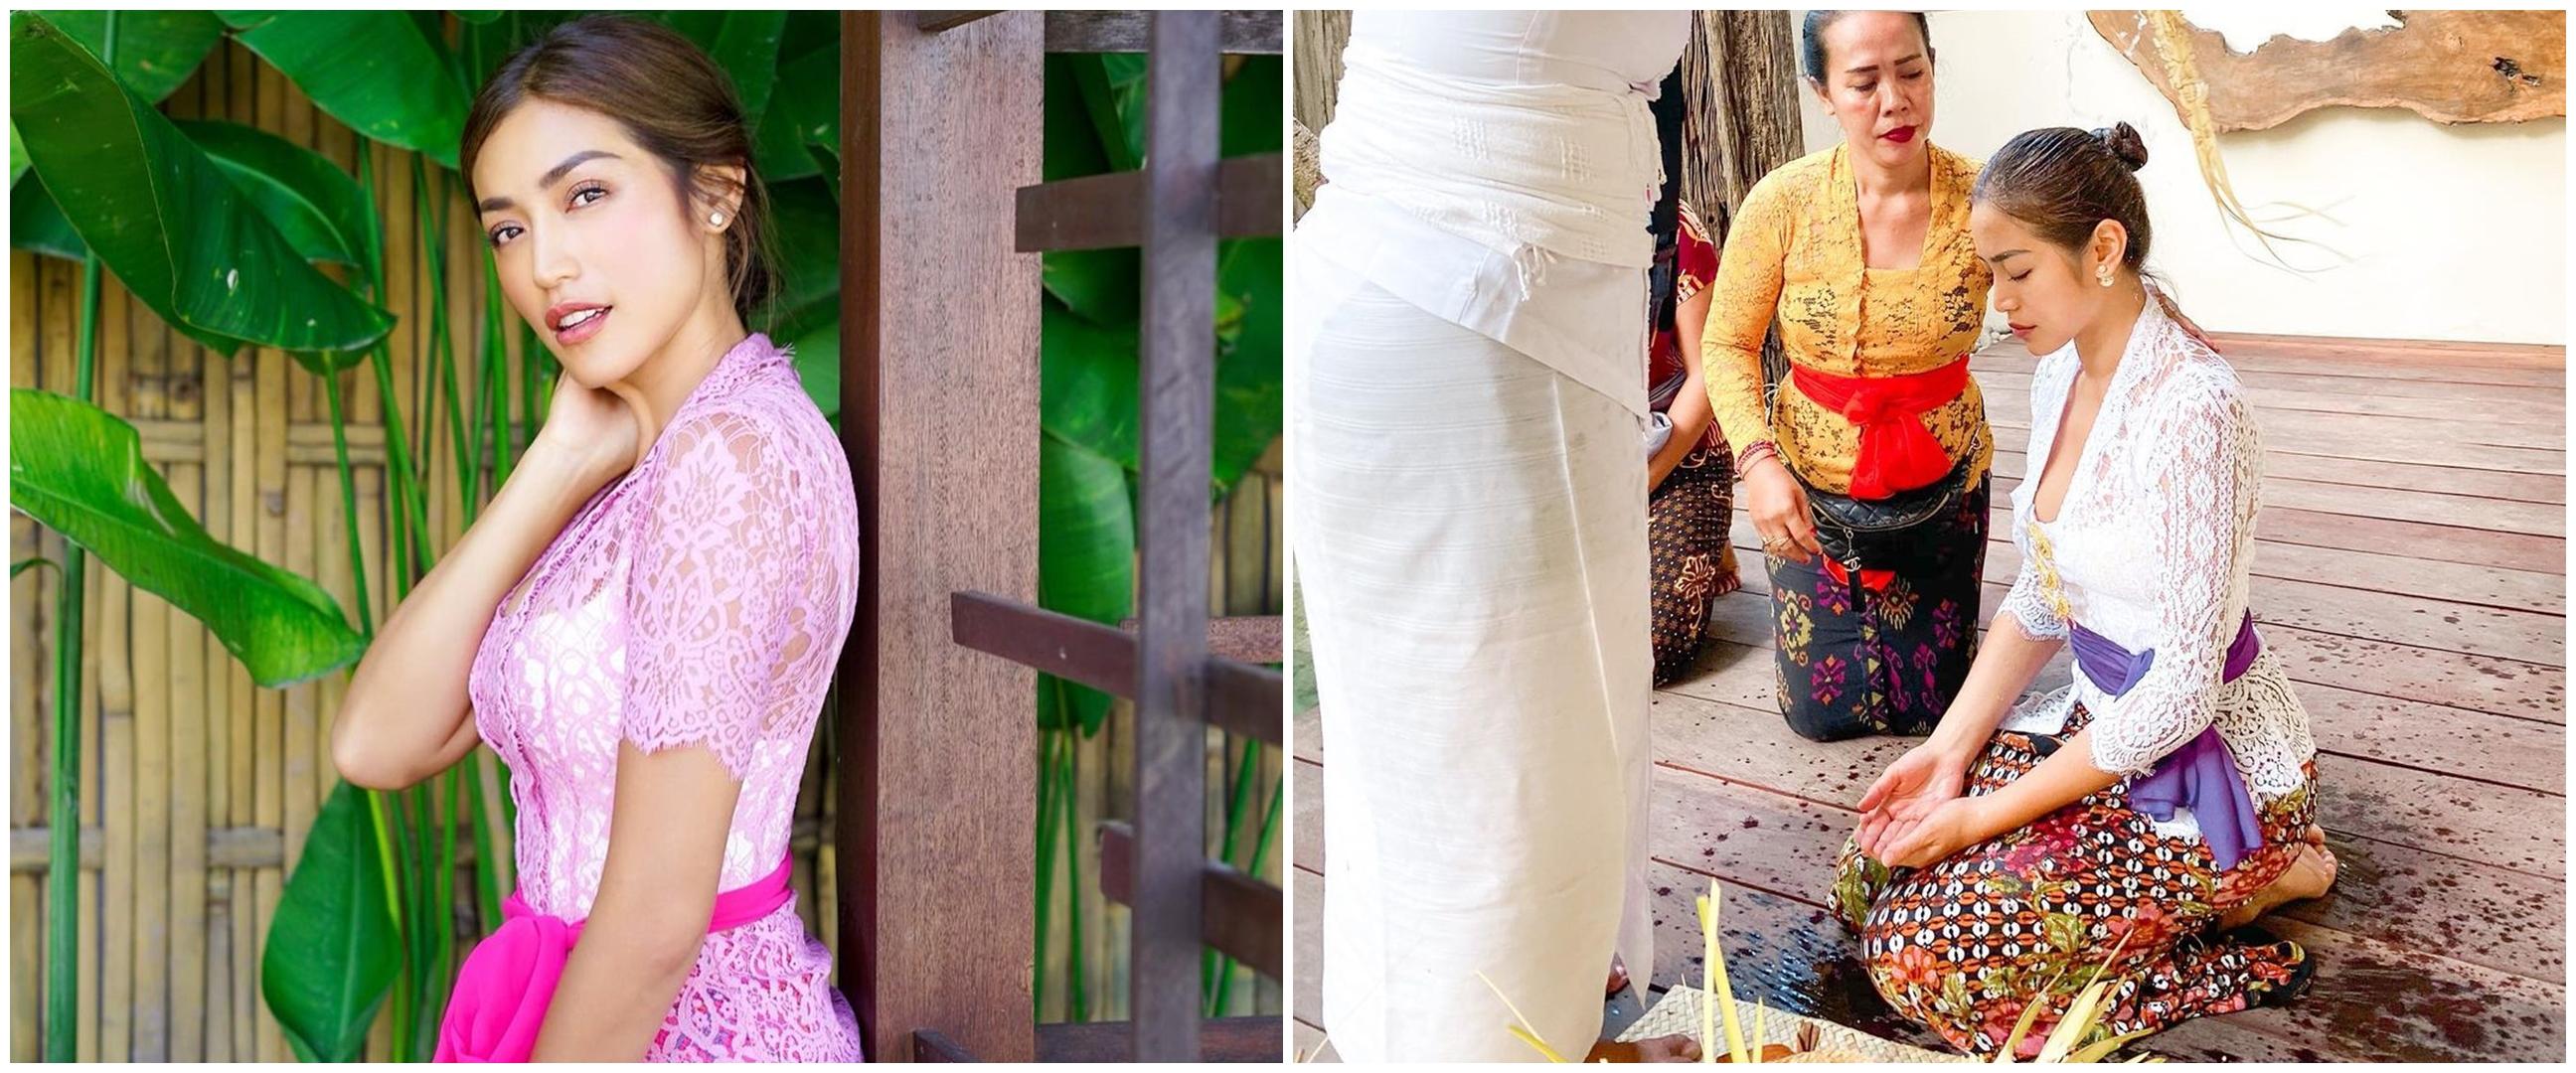 10 Momen Jessica Iskandar jalani prosesi melukat di Bali, tuai pujian